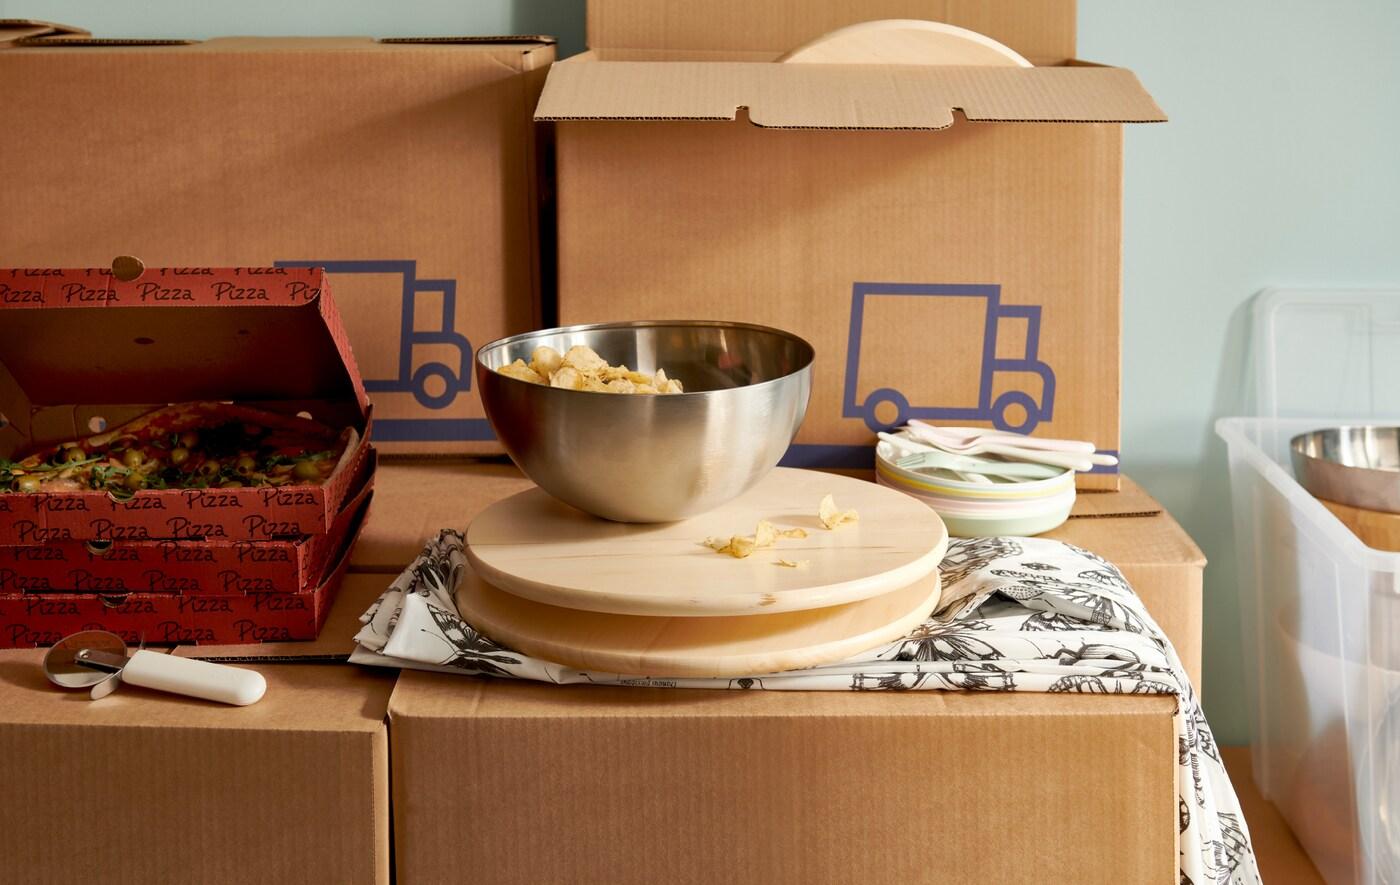 Kartoniki z pizzą i przekąski w misce BLANDA BLANK na obrotowej tacy ustawione na stercie kartonów JÄTTENE.